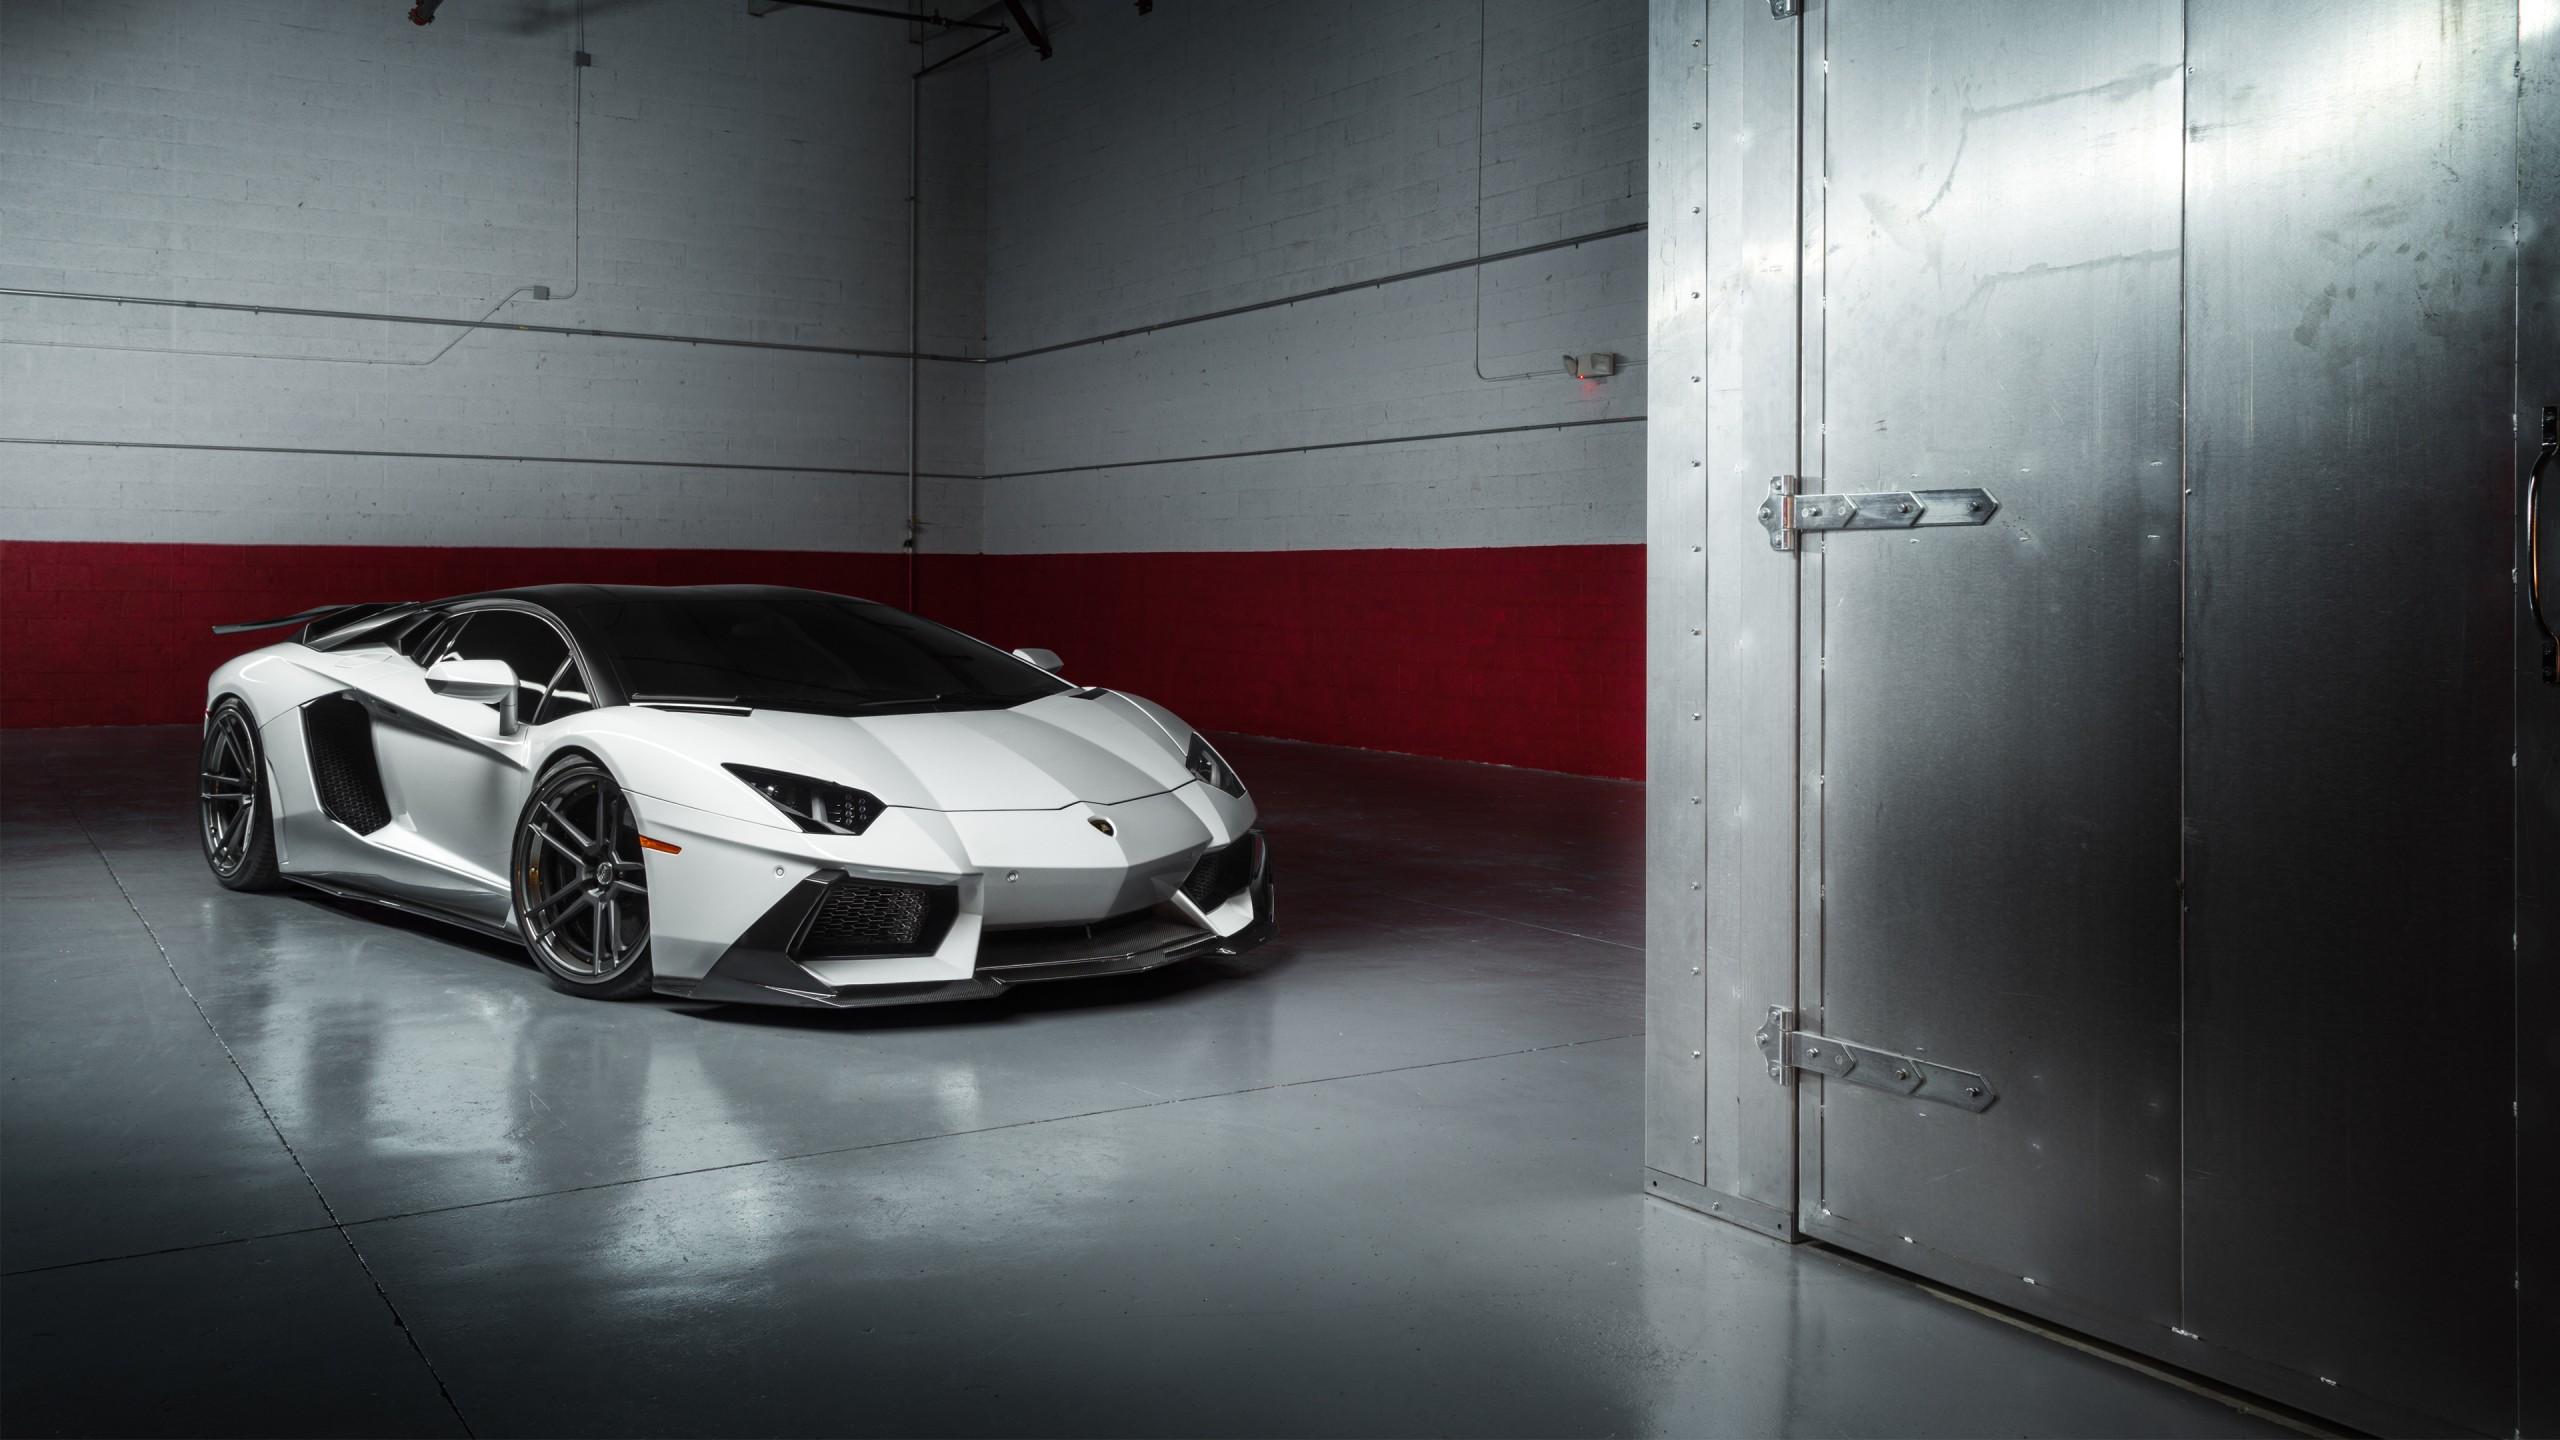 Adv1 Aventador Lamborghini Miami Wallpapers: ADV1 Lamborghini Aventador LP PML Wallpaper